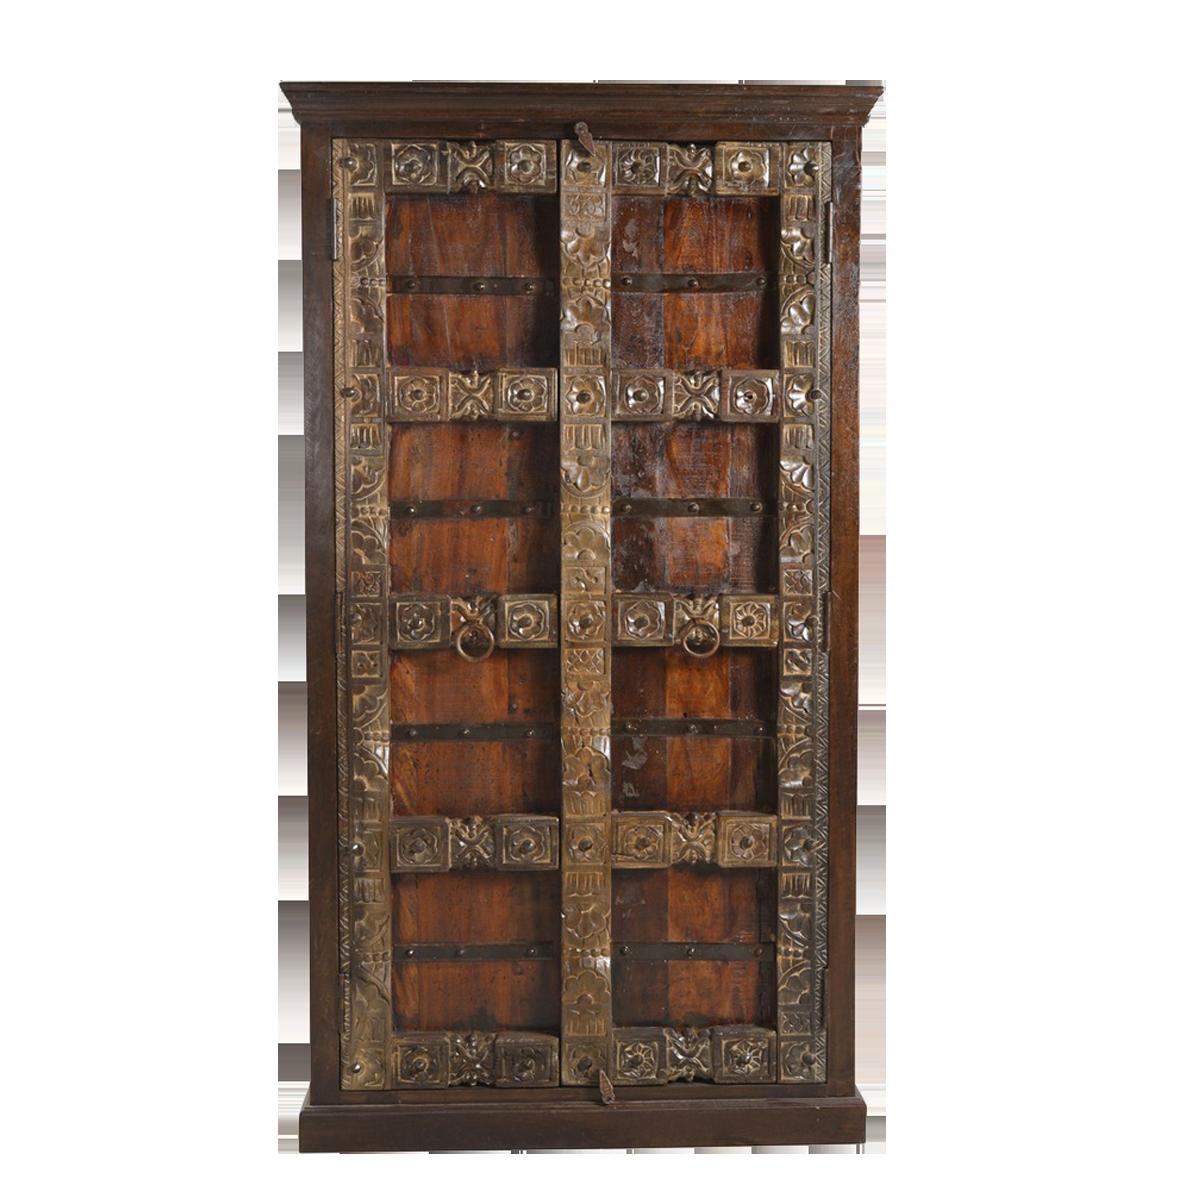 Massiver Schrank Aus Holz Braun Mit Schnitzereien Und Verzierungen